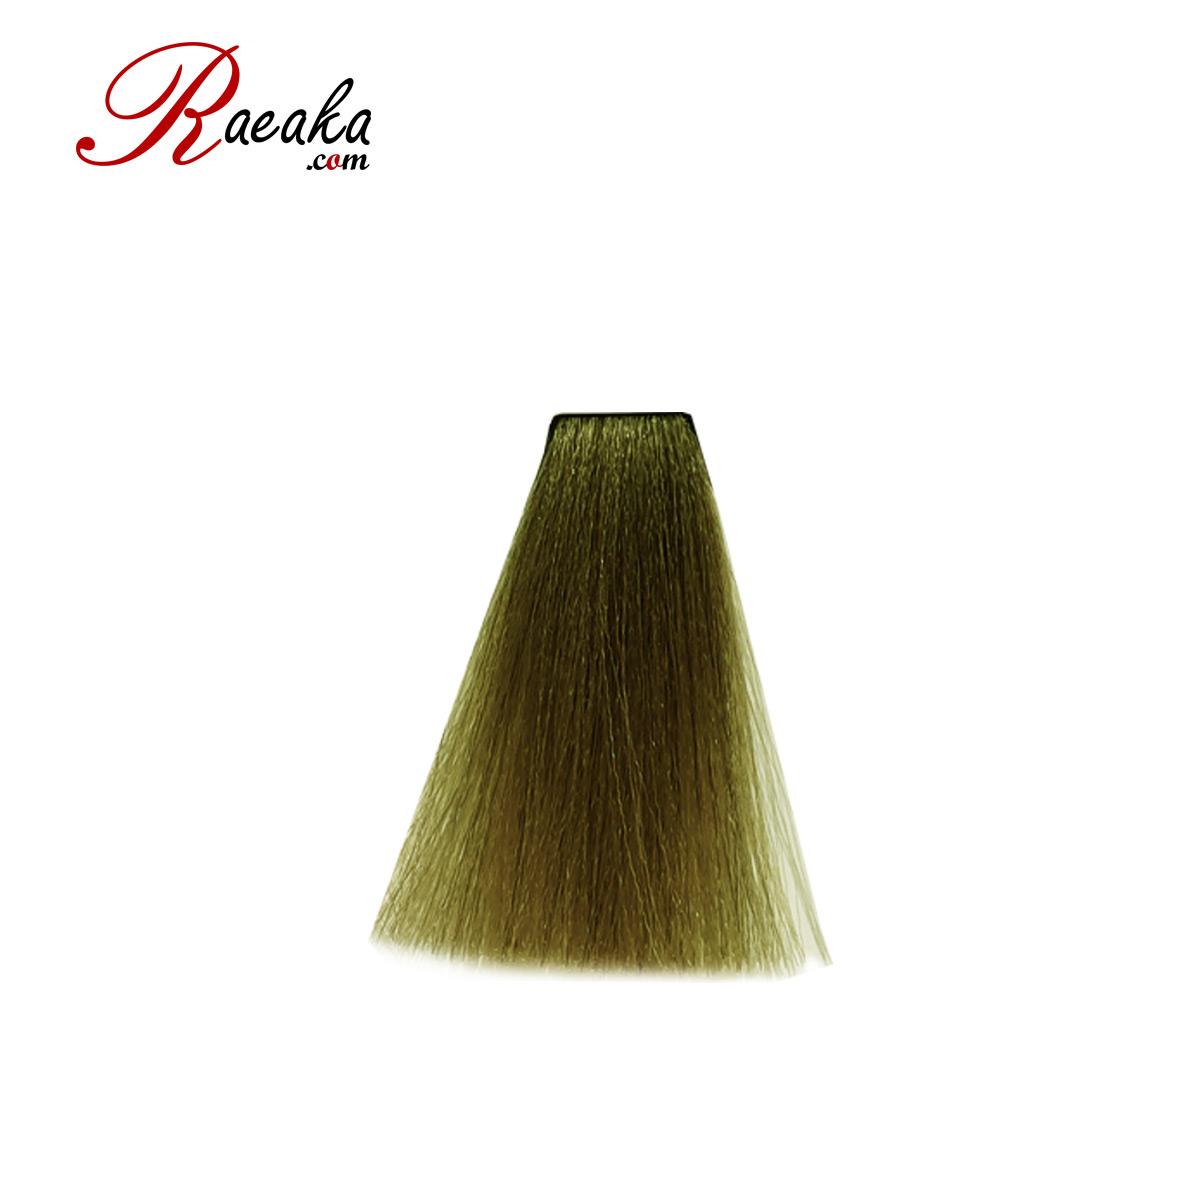 رنگ مو دوشس سری زیتونی شماره M6 7-7 حجم 125 میلی لیتر